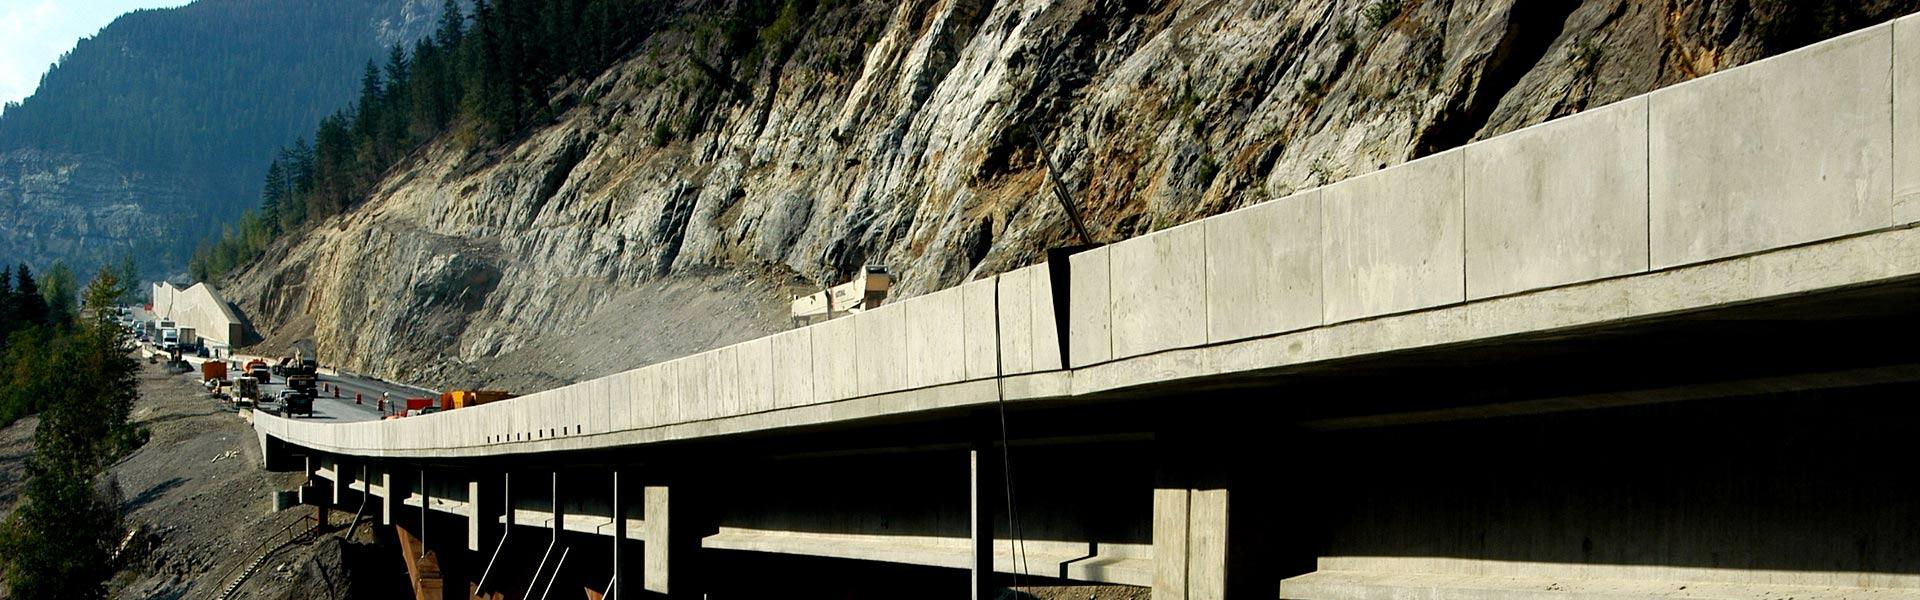 Yoho Bridge